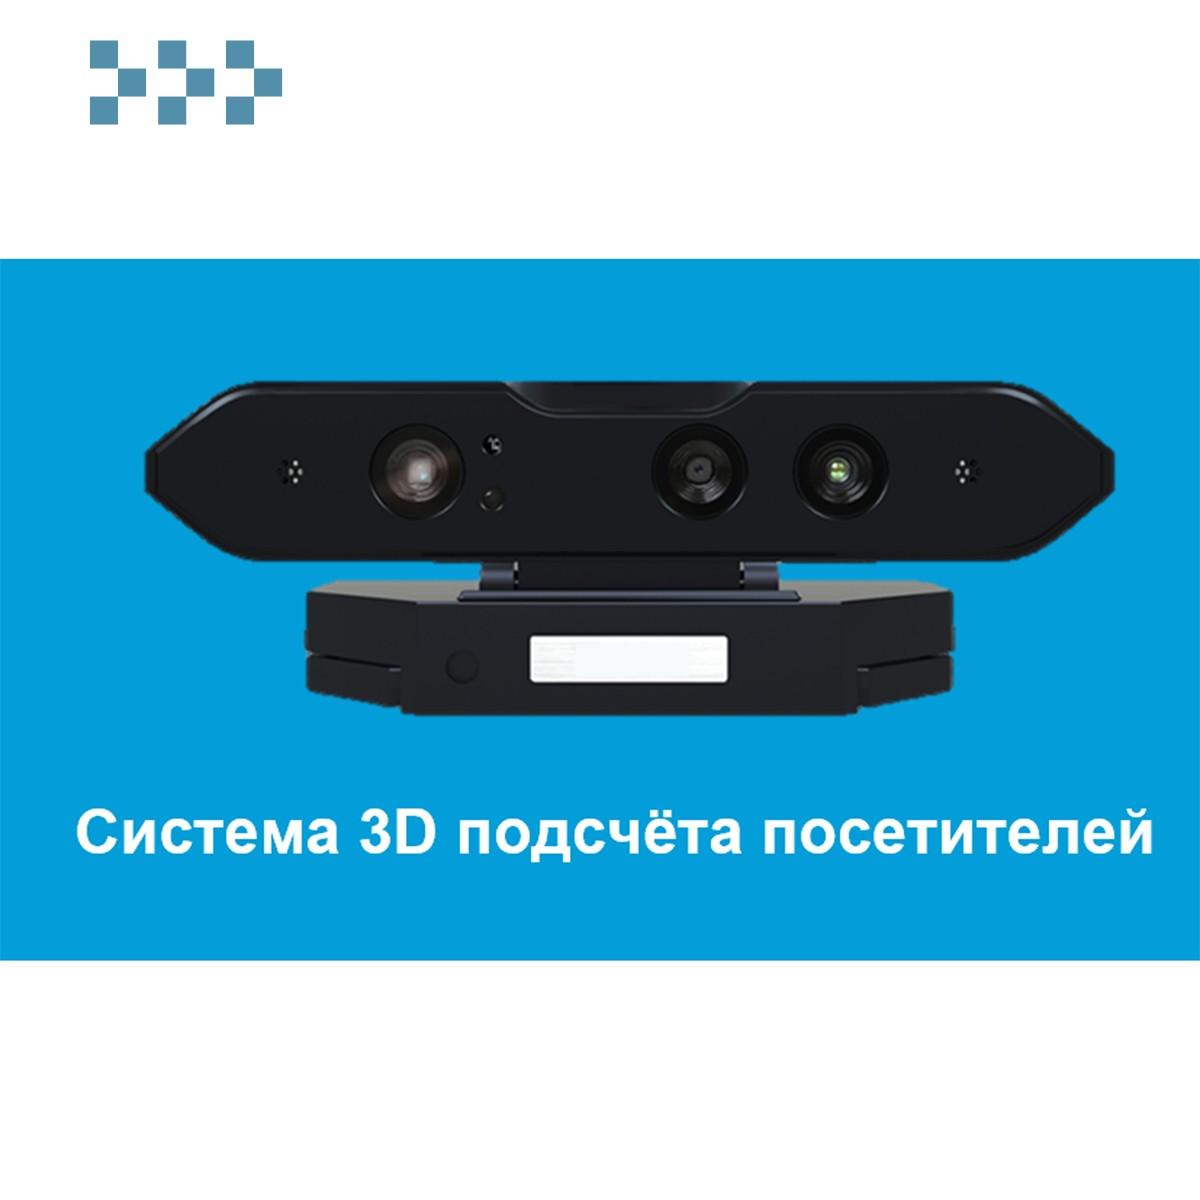 3D подсчет посетителей Macroscop